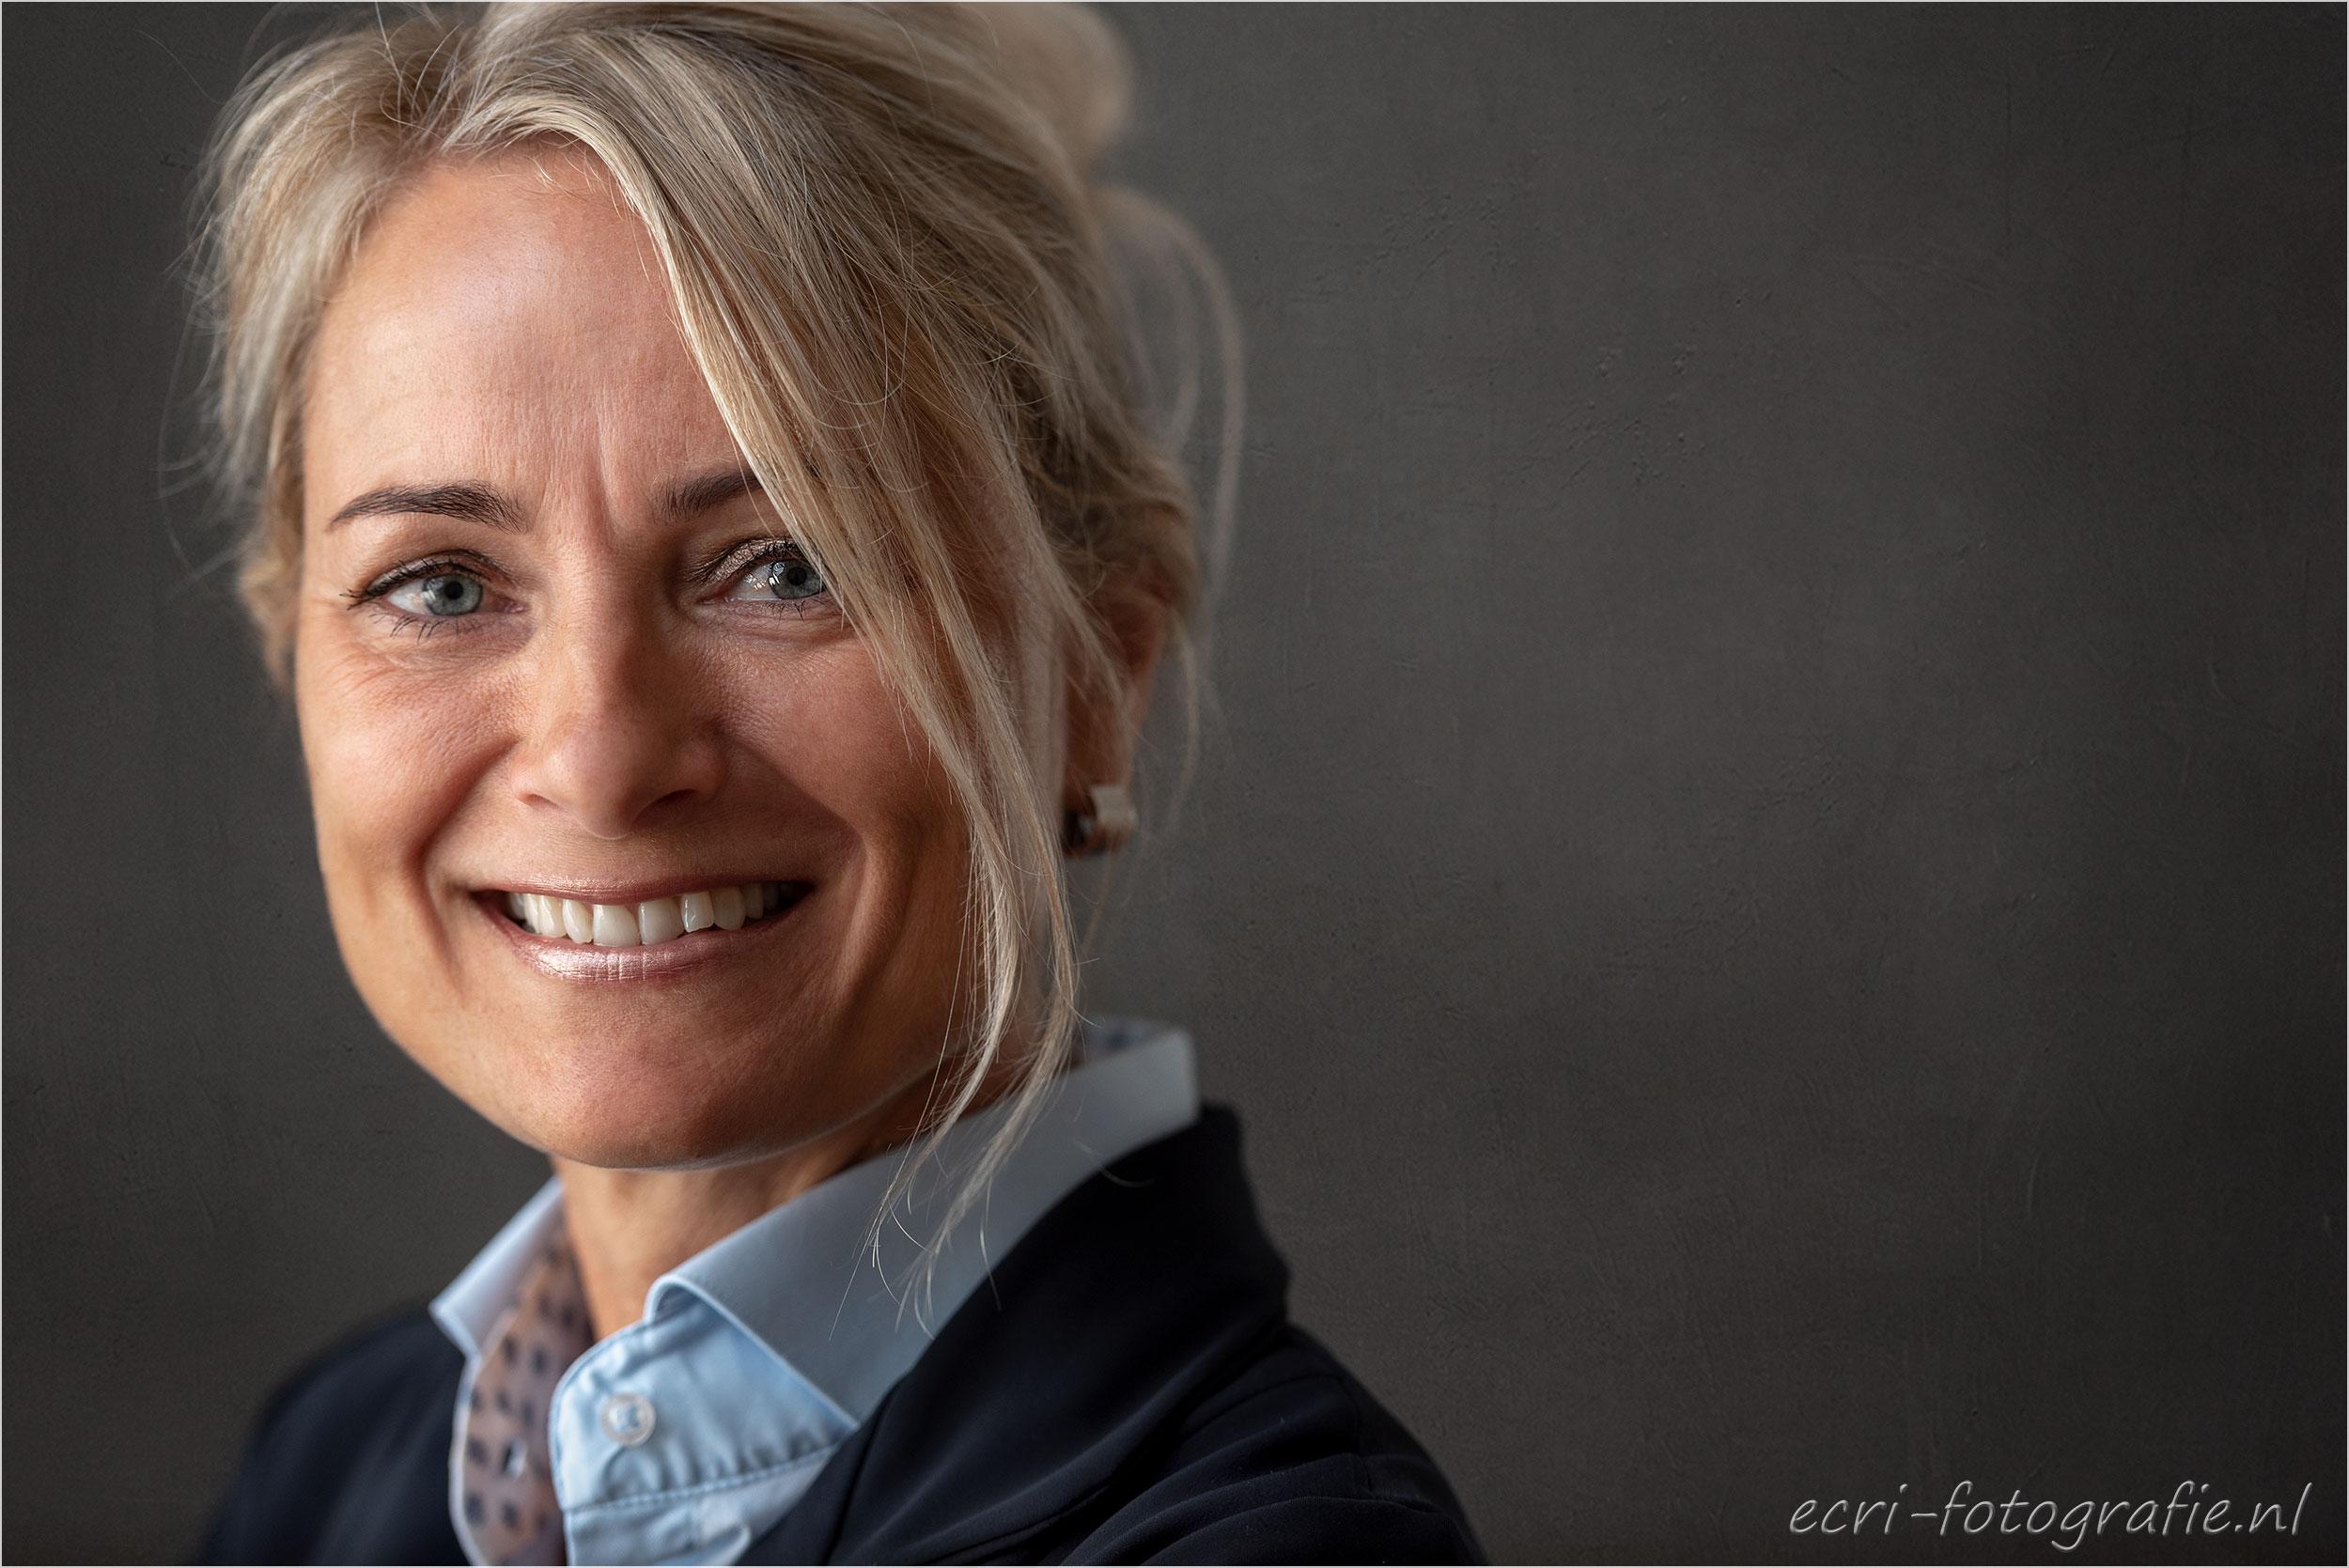 Headshot, ecri-fotografie, Eric de Jonge, LinkedIn fotografie